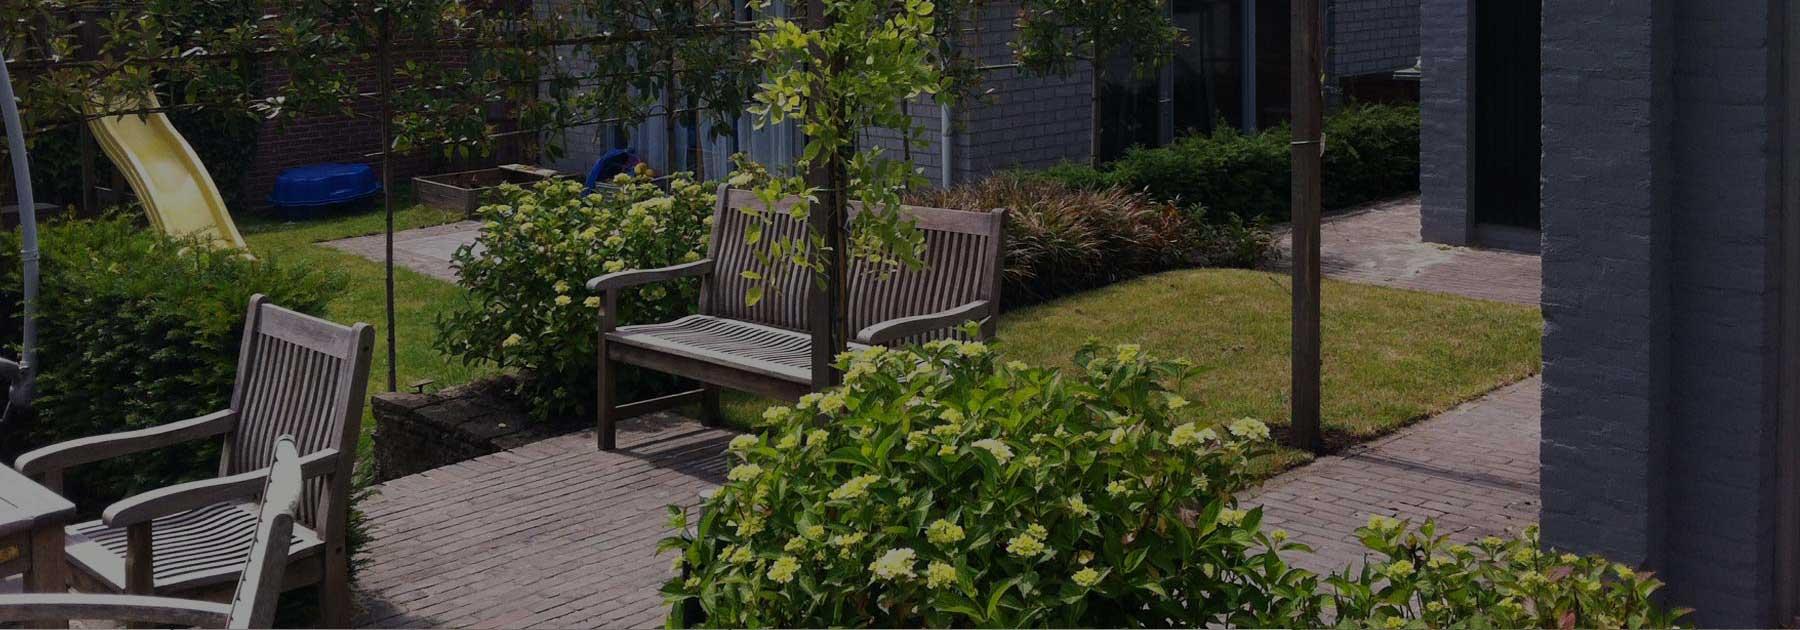 Schadewijk Hovenier Tuin Onderhoud